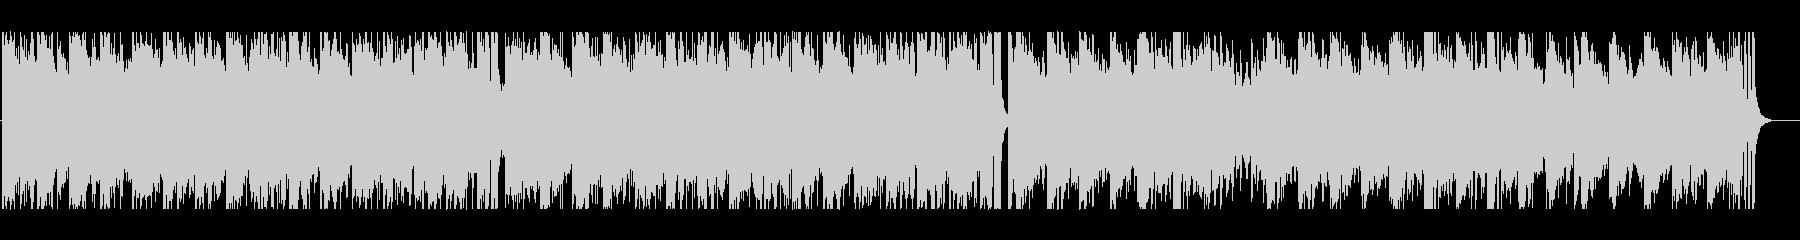 少し切ない大人のイメージのBGMの未再生の波形